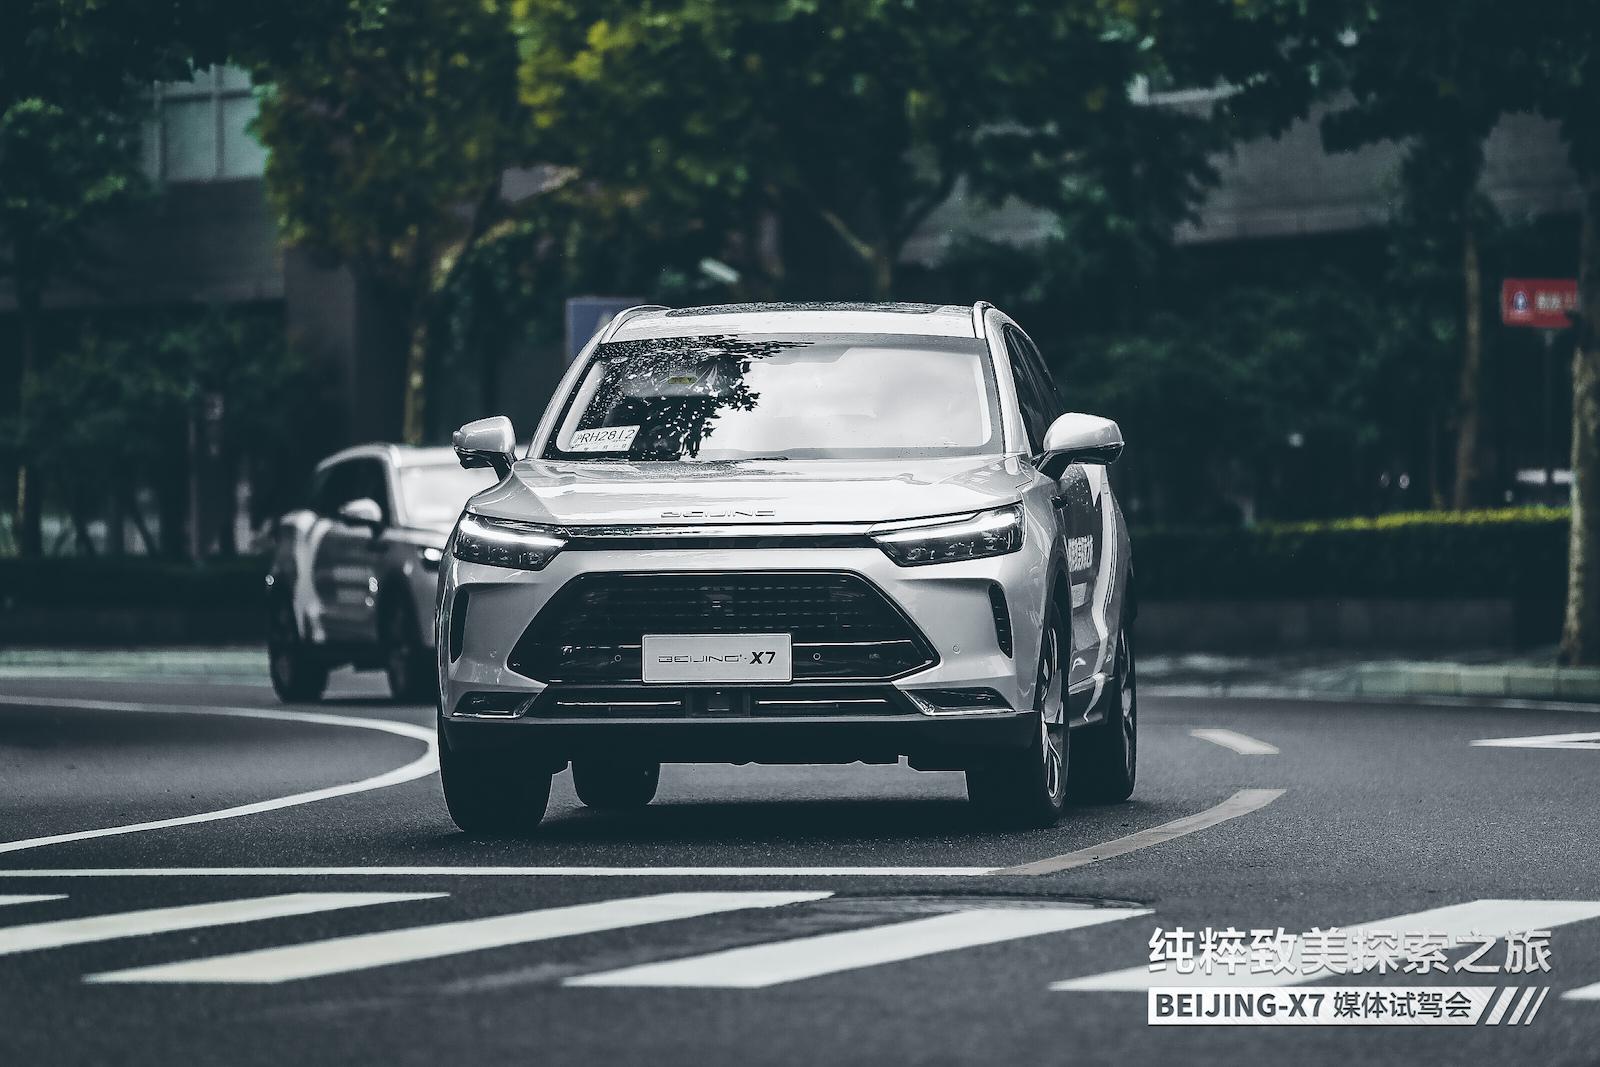 """大空间SUV,Beijing X7 """"纯粹致美探索之旅""""启程上海 BEIJING X7展""""大都致美""""设计新风尚 SUV评测 第7张"""